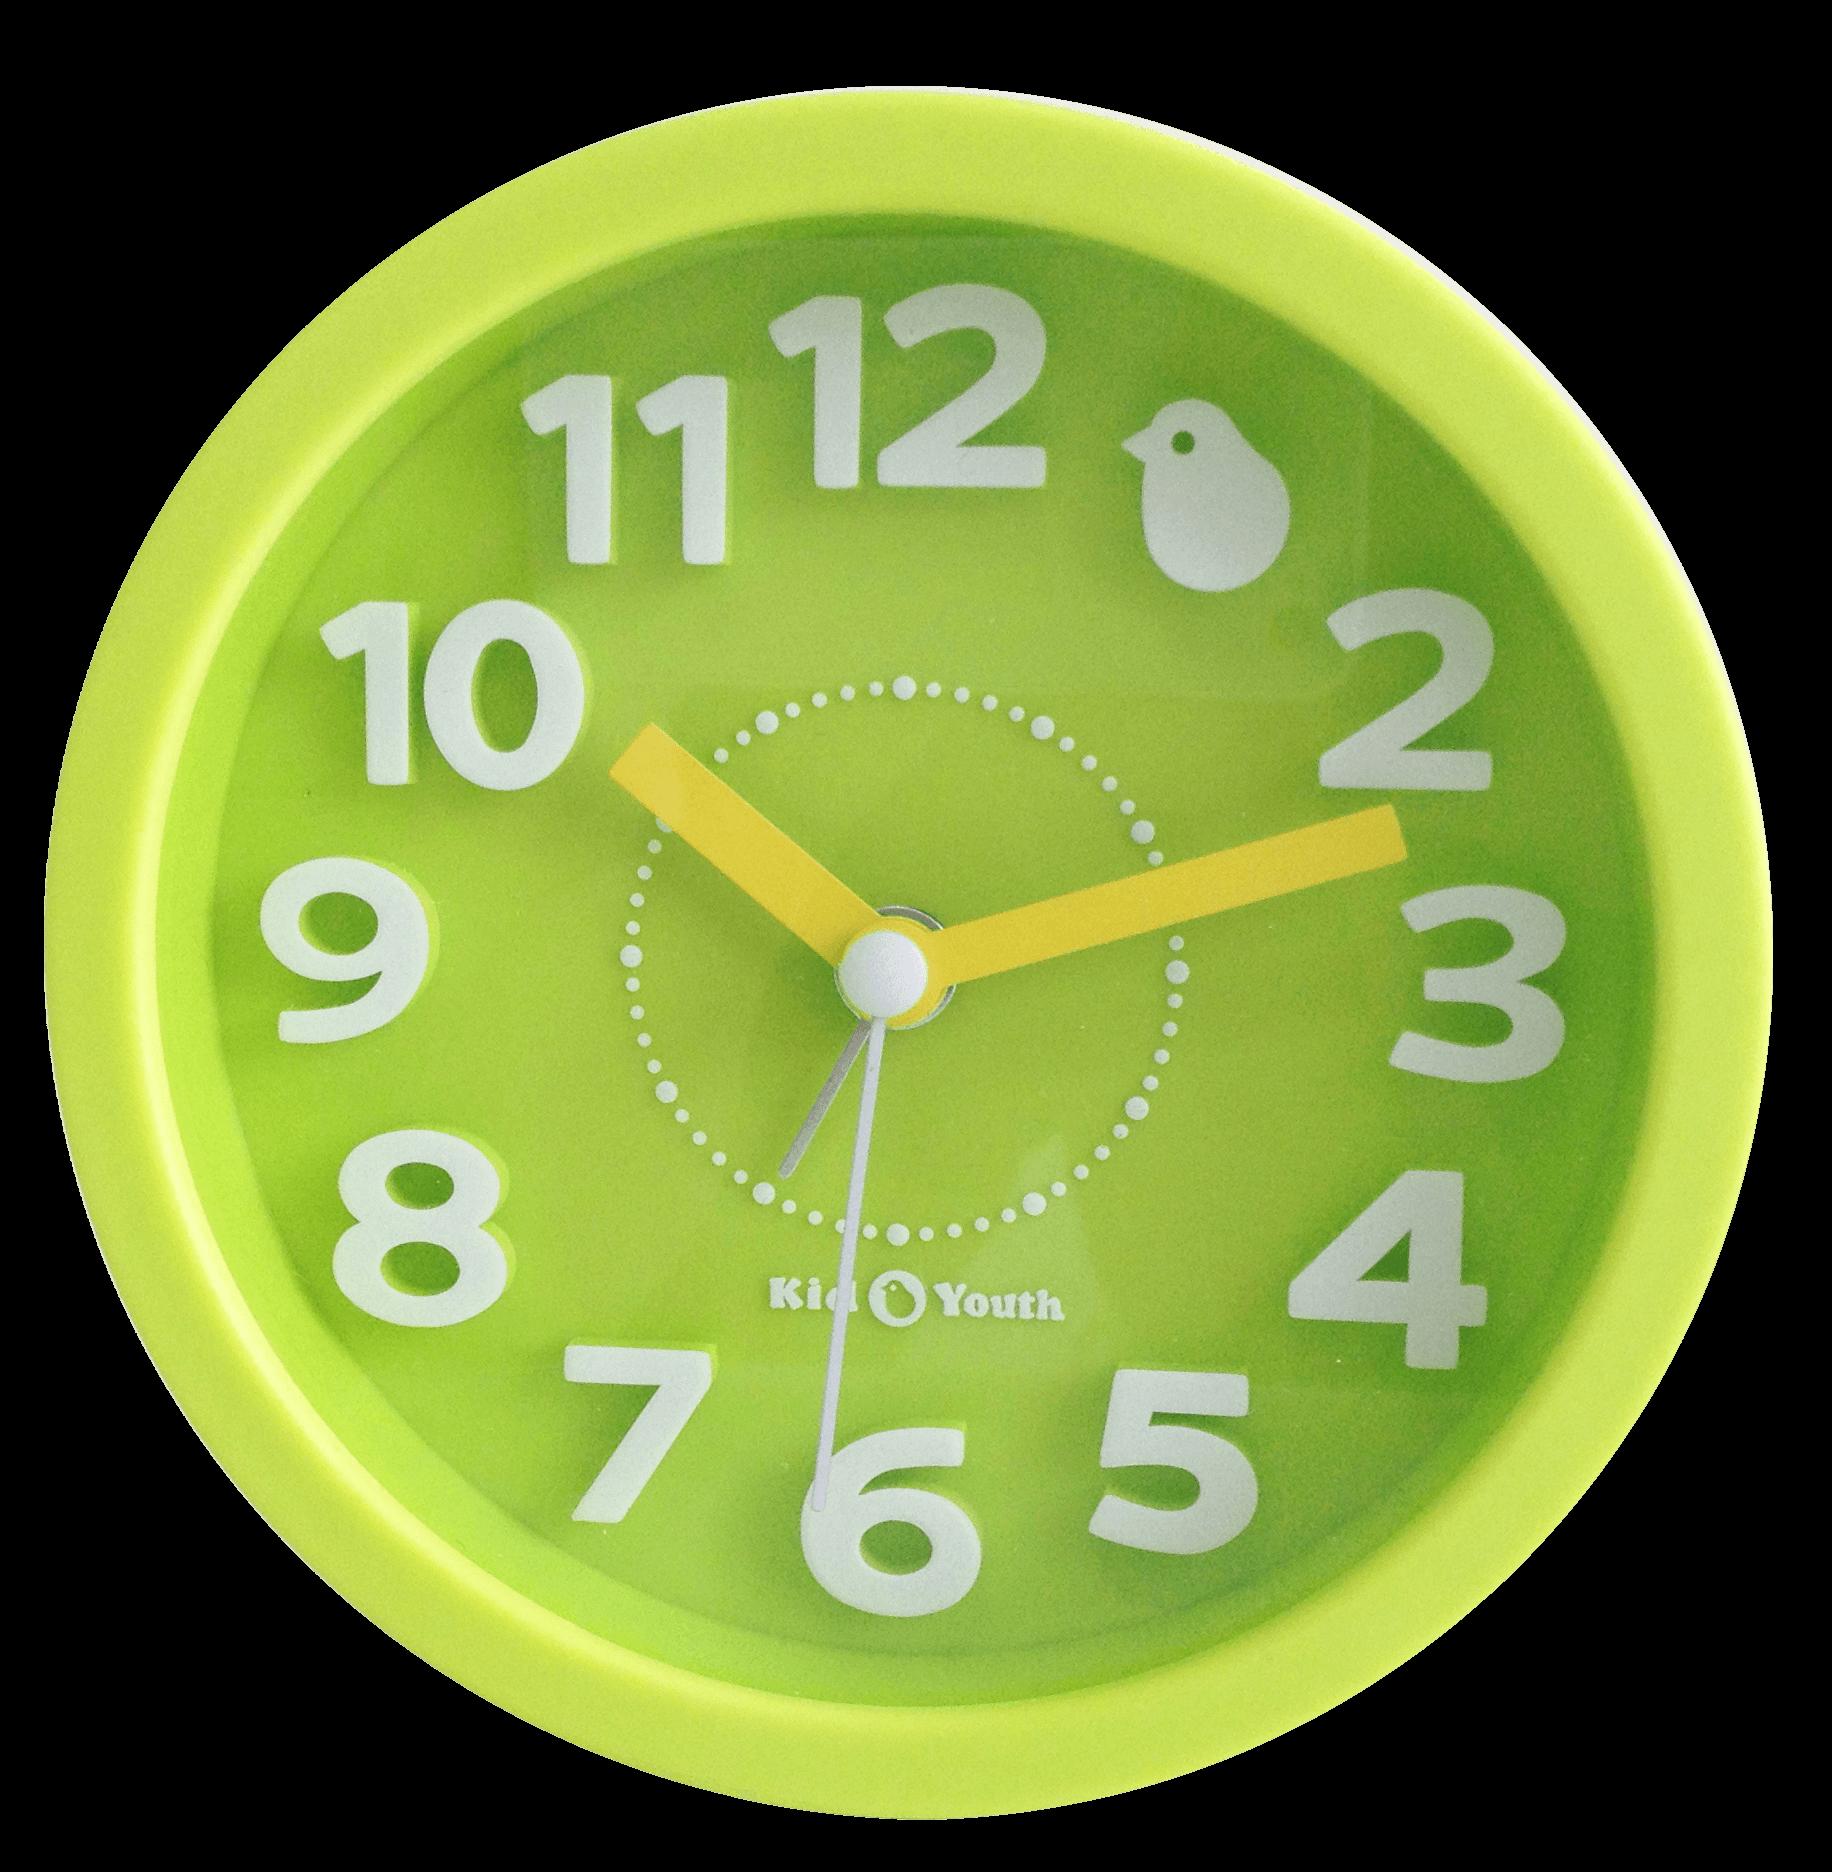 Часы-будильник TCT Nanotec ЗеленыйАксессуары<br><br>Цвет: Светло-зеленый; Бренд: TCT Nanotec; Ширина (см): 12; Глубина (см): 2,5; Высота (см): 12;